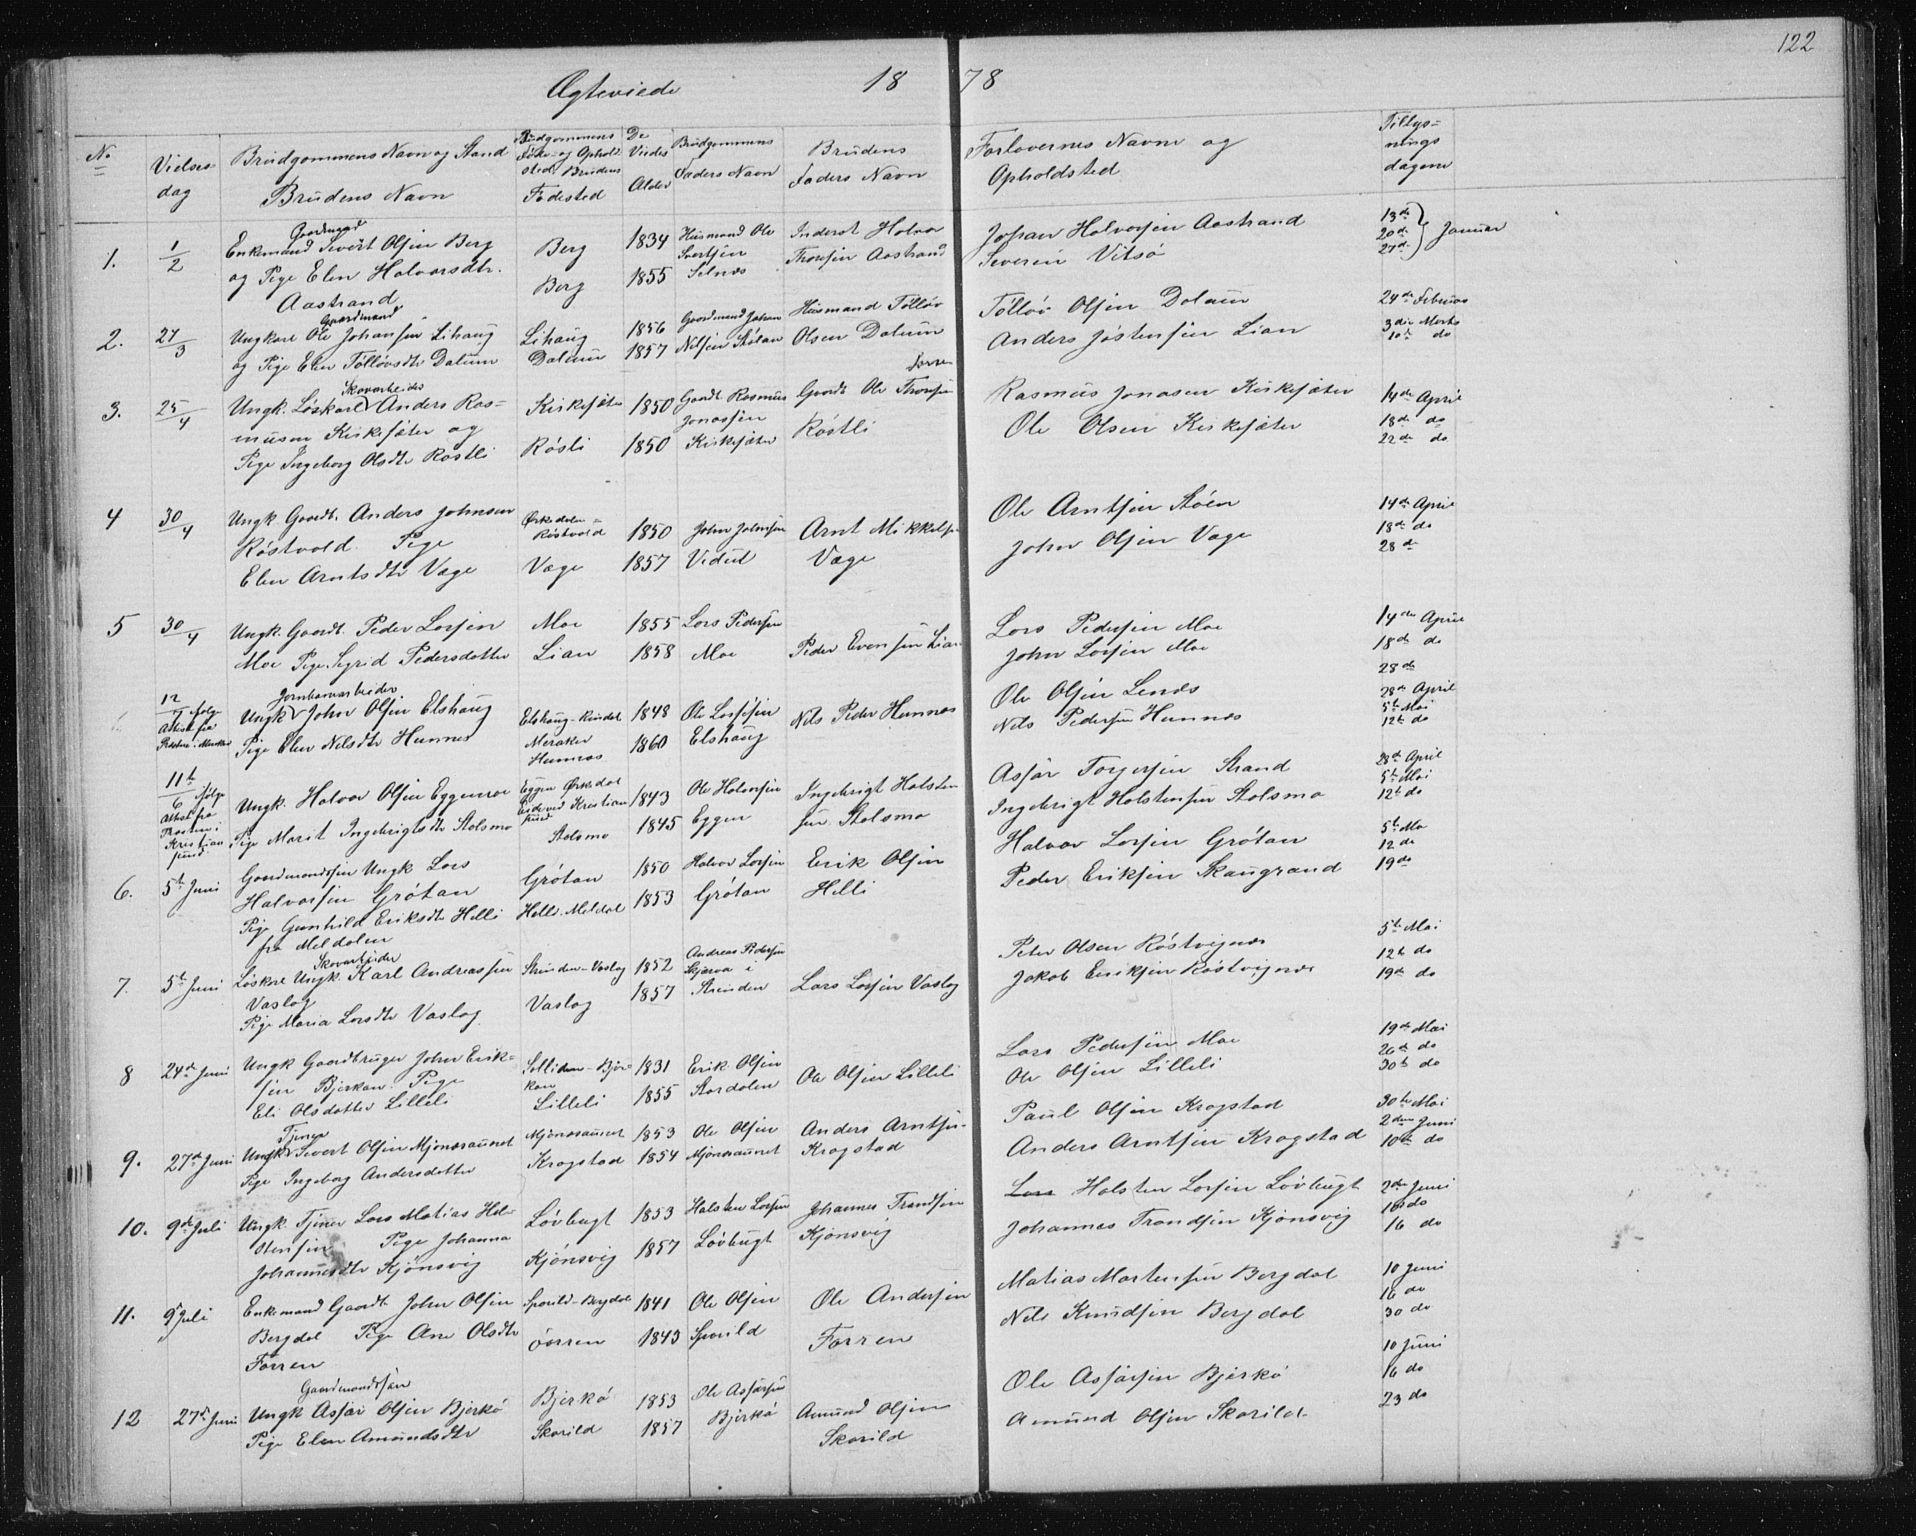 SAT, Ministerialprotokoller, klokkerbøker og fødselsregistre - Sør-Trøndelag, 630/L0503: Klokkerbok nr. 630C01, 1869-1878, s. 122